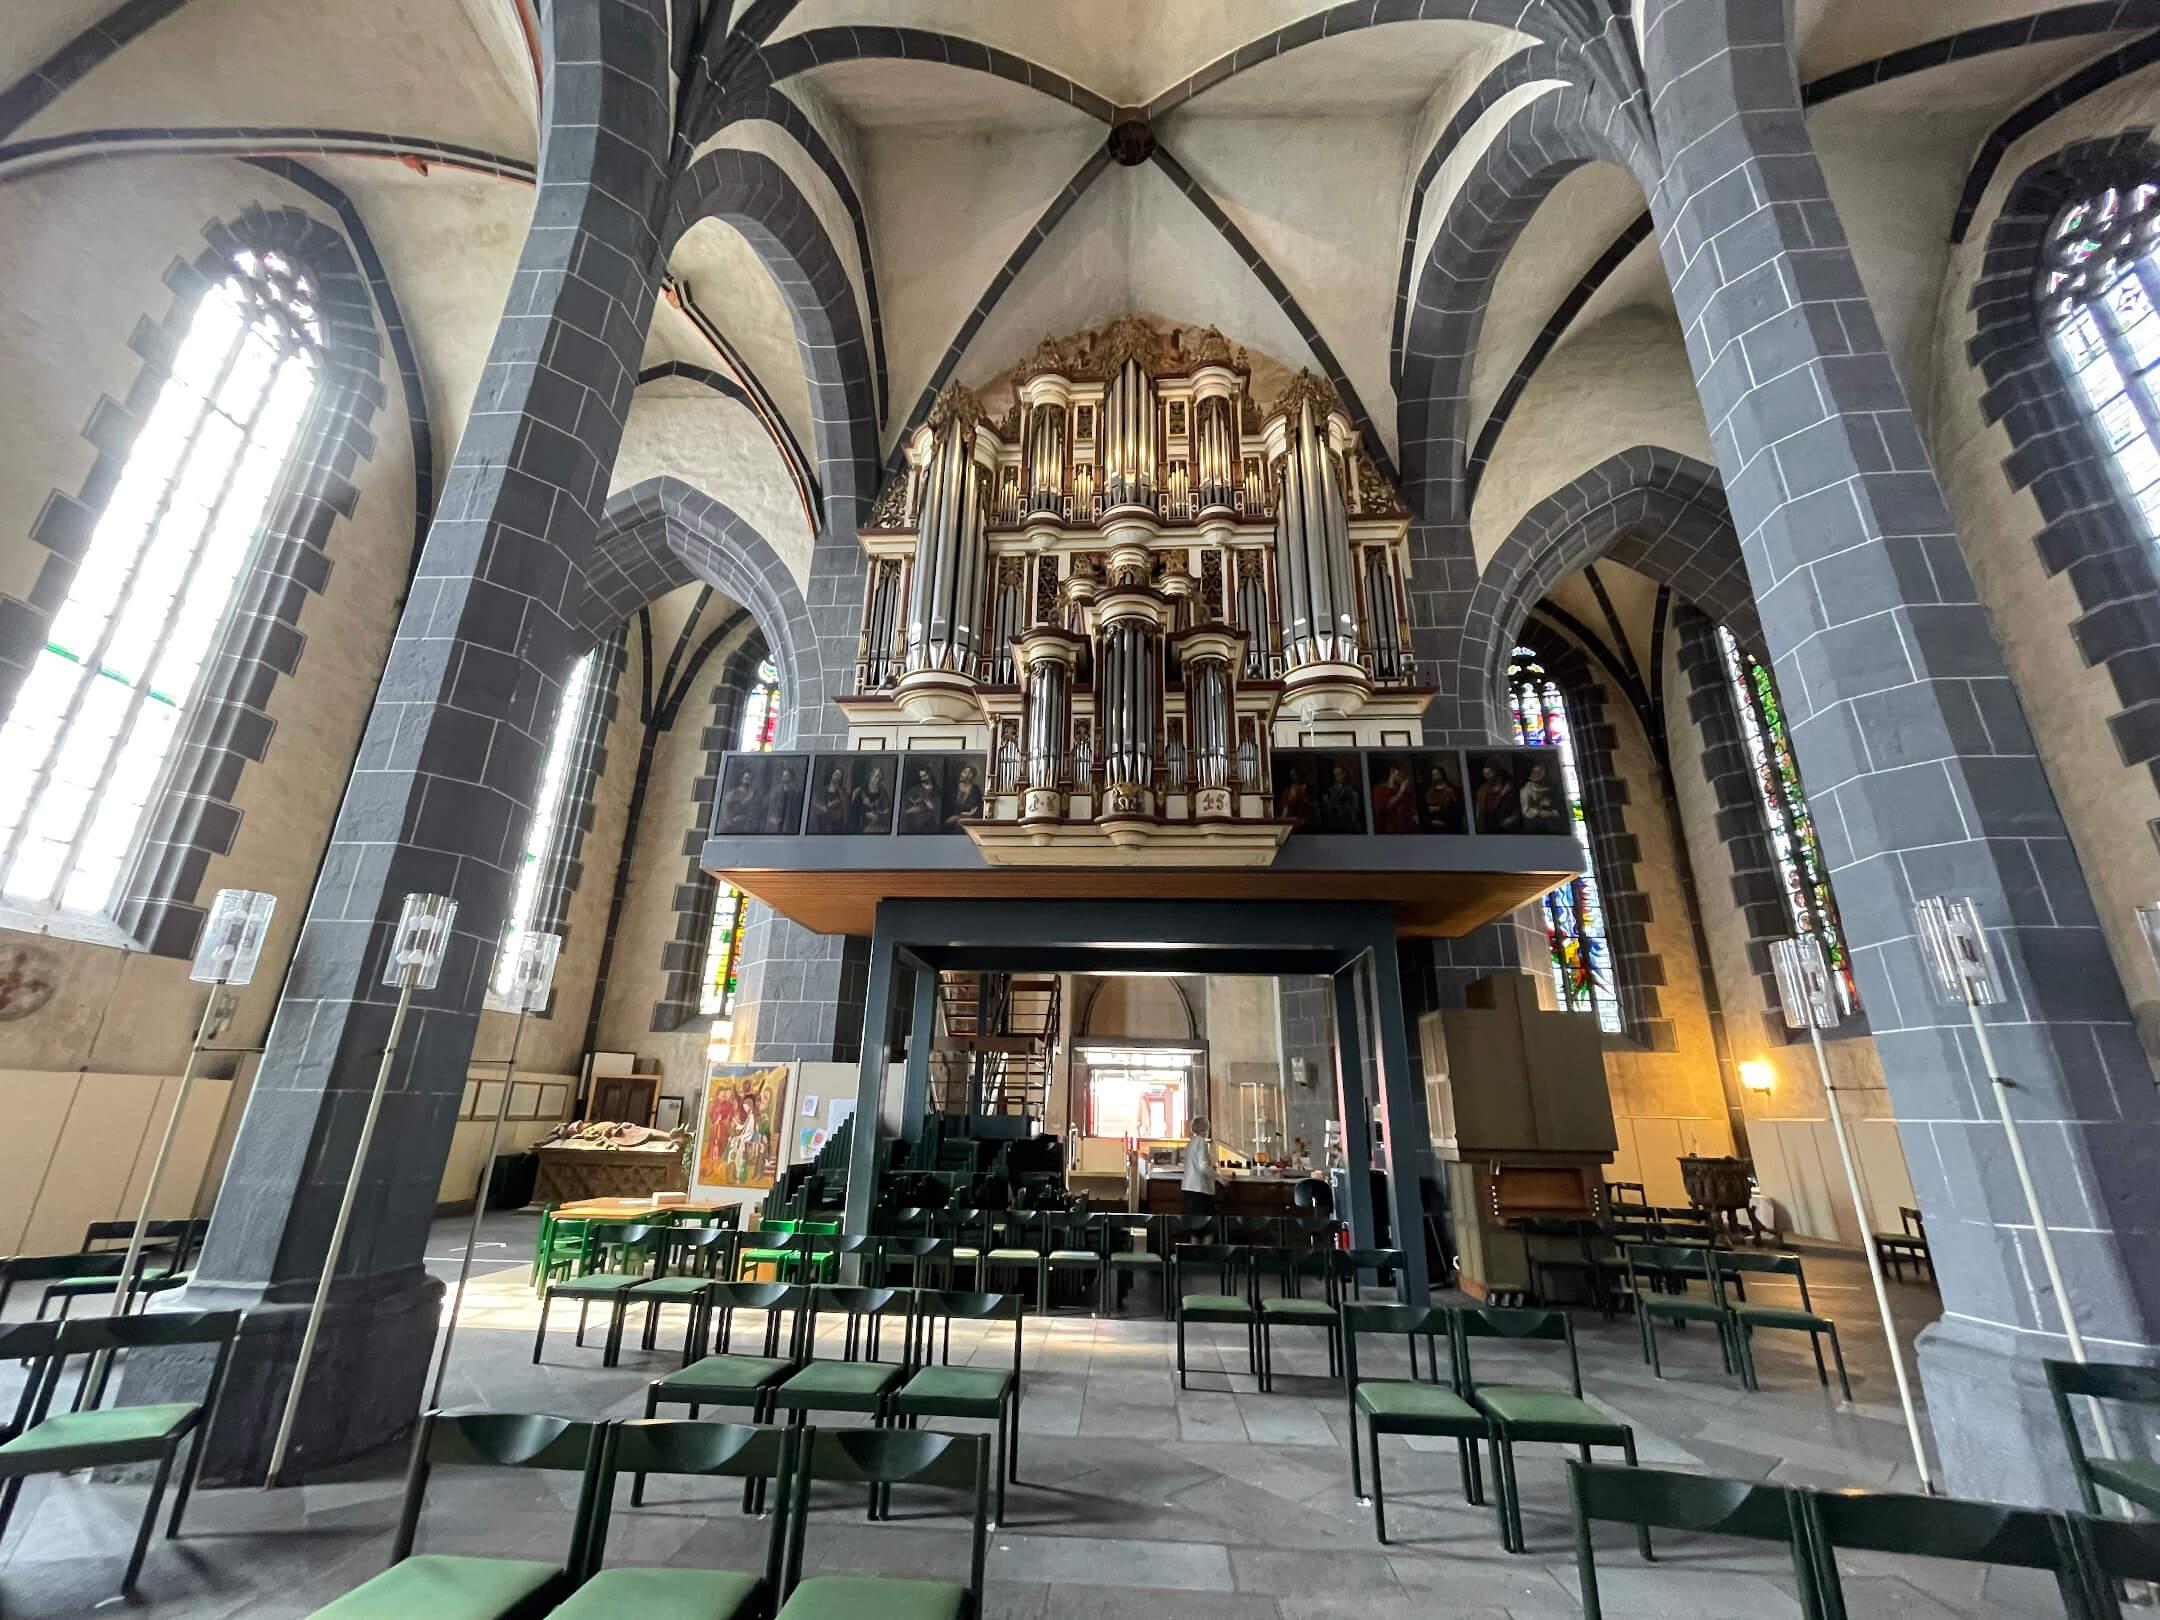 St. Blasius Kirche, Orgel